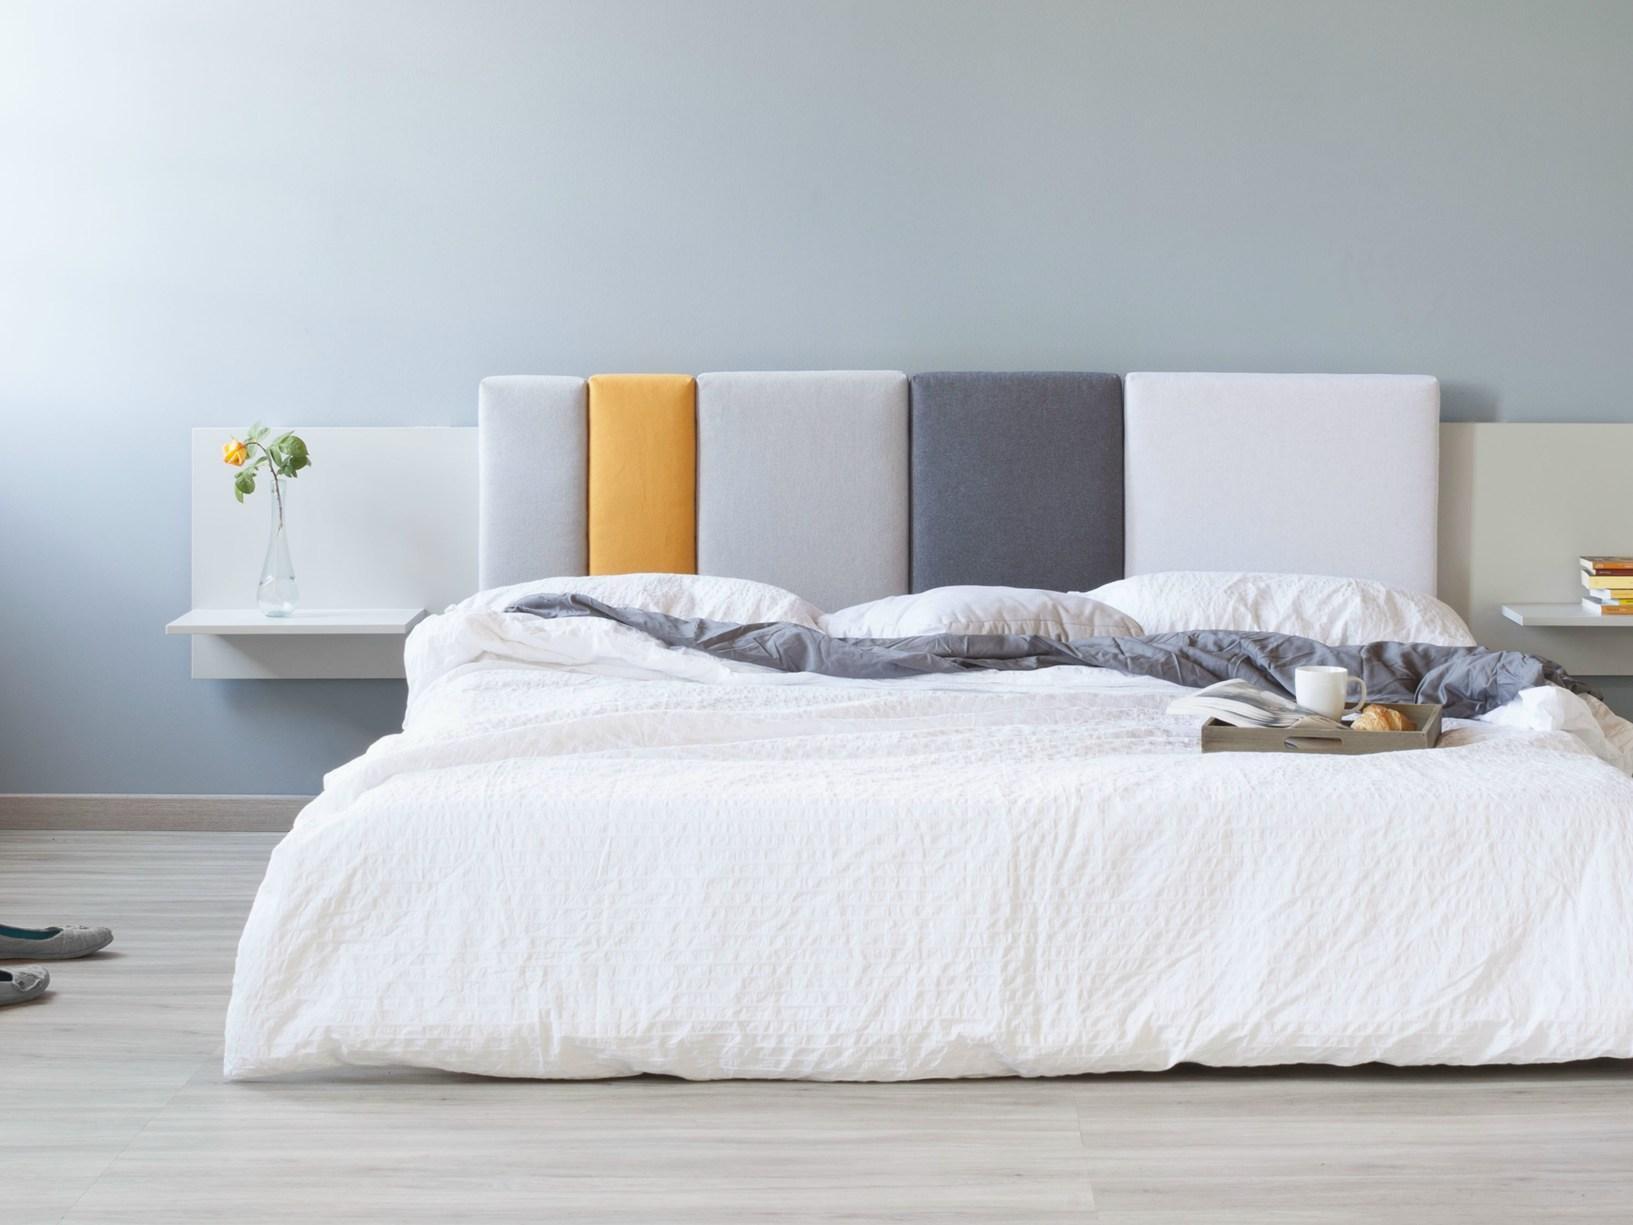 Comoditi la testiera letto modulare personalizzabile e funzionale - Testiera letto design ...